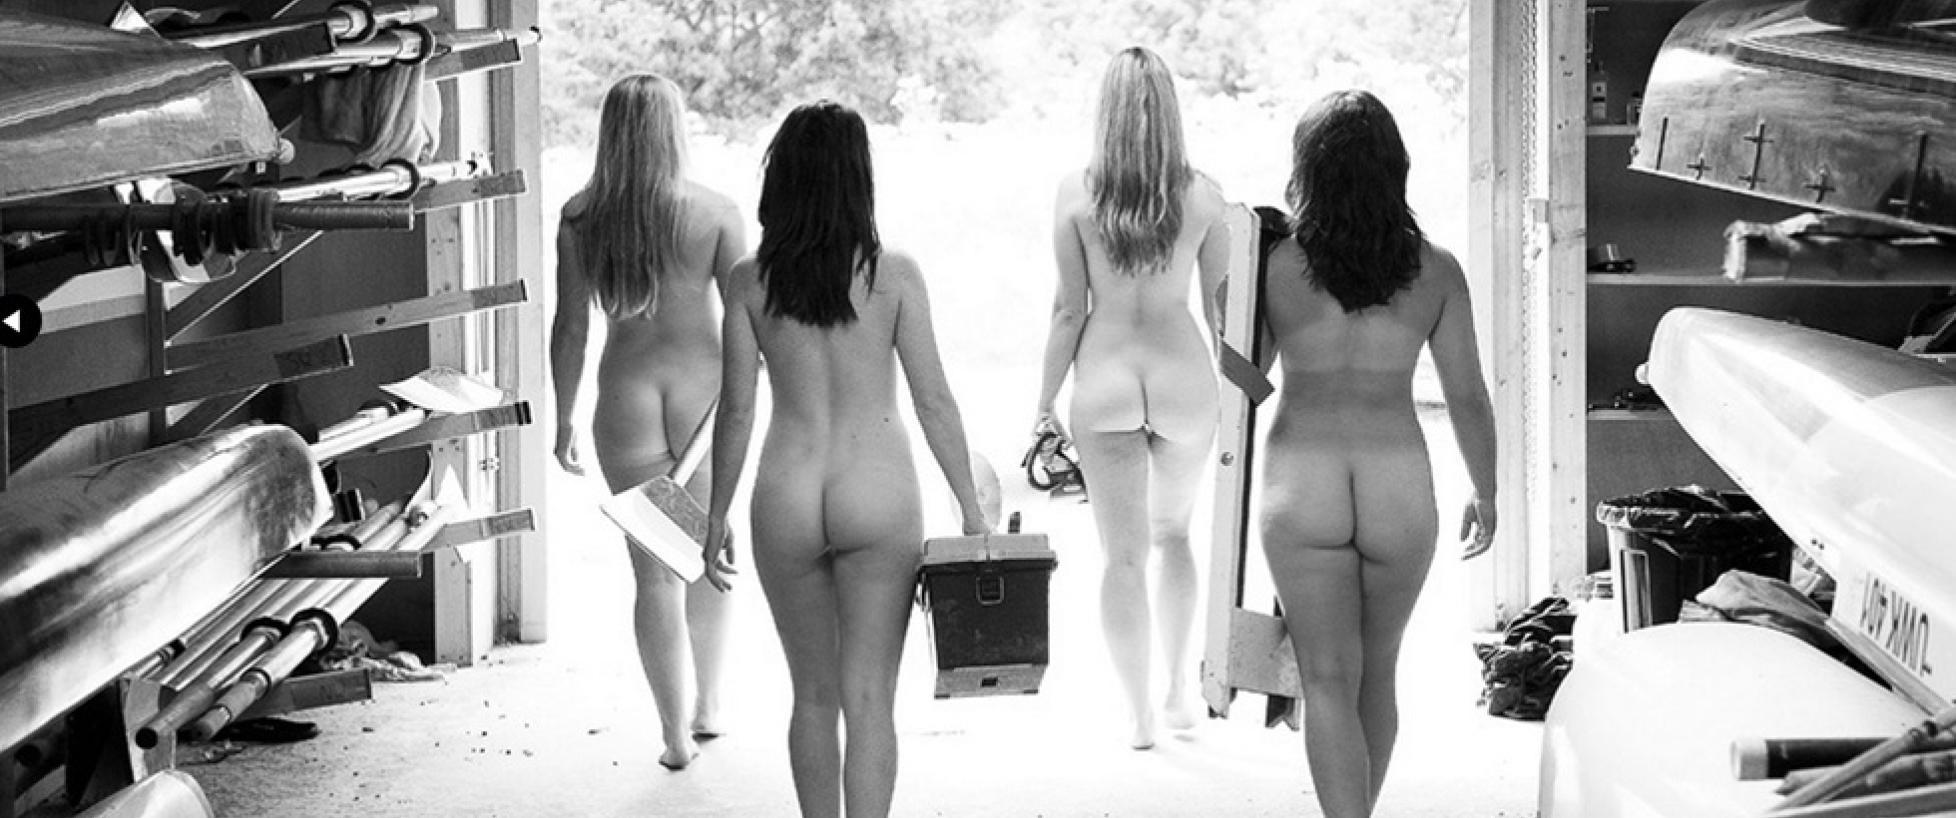 kjendis sexvideo naken kjendis